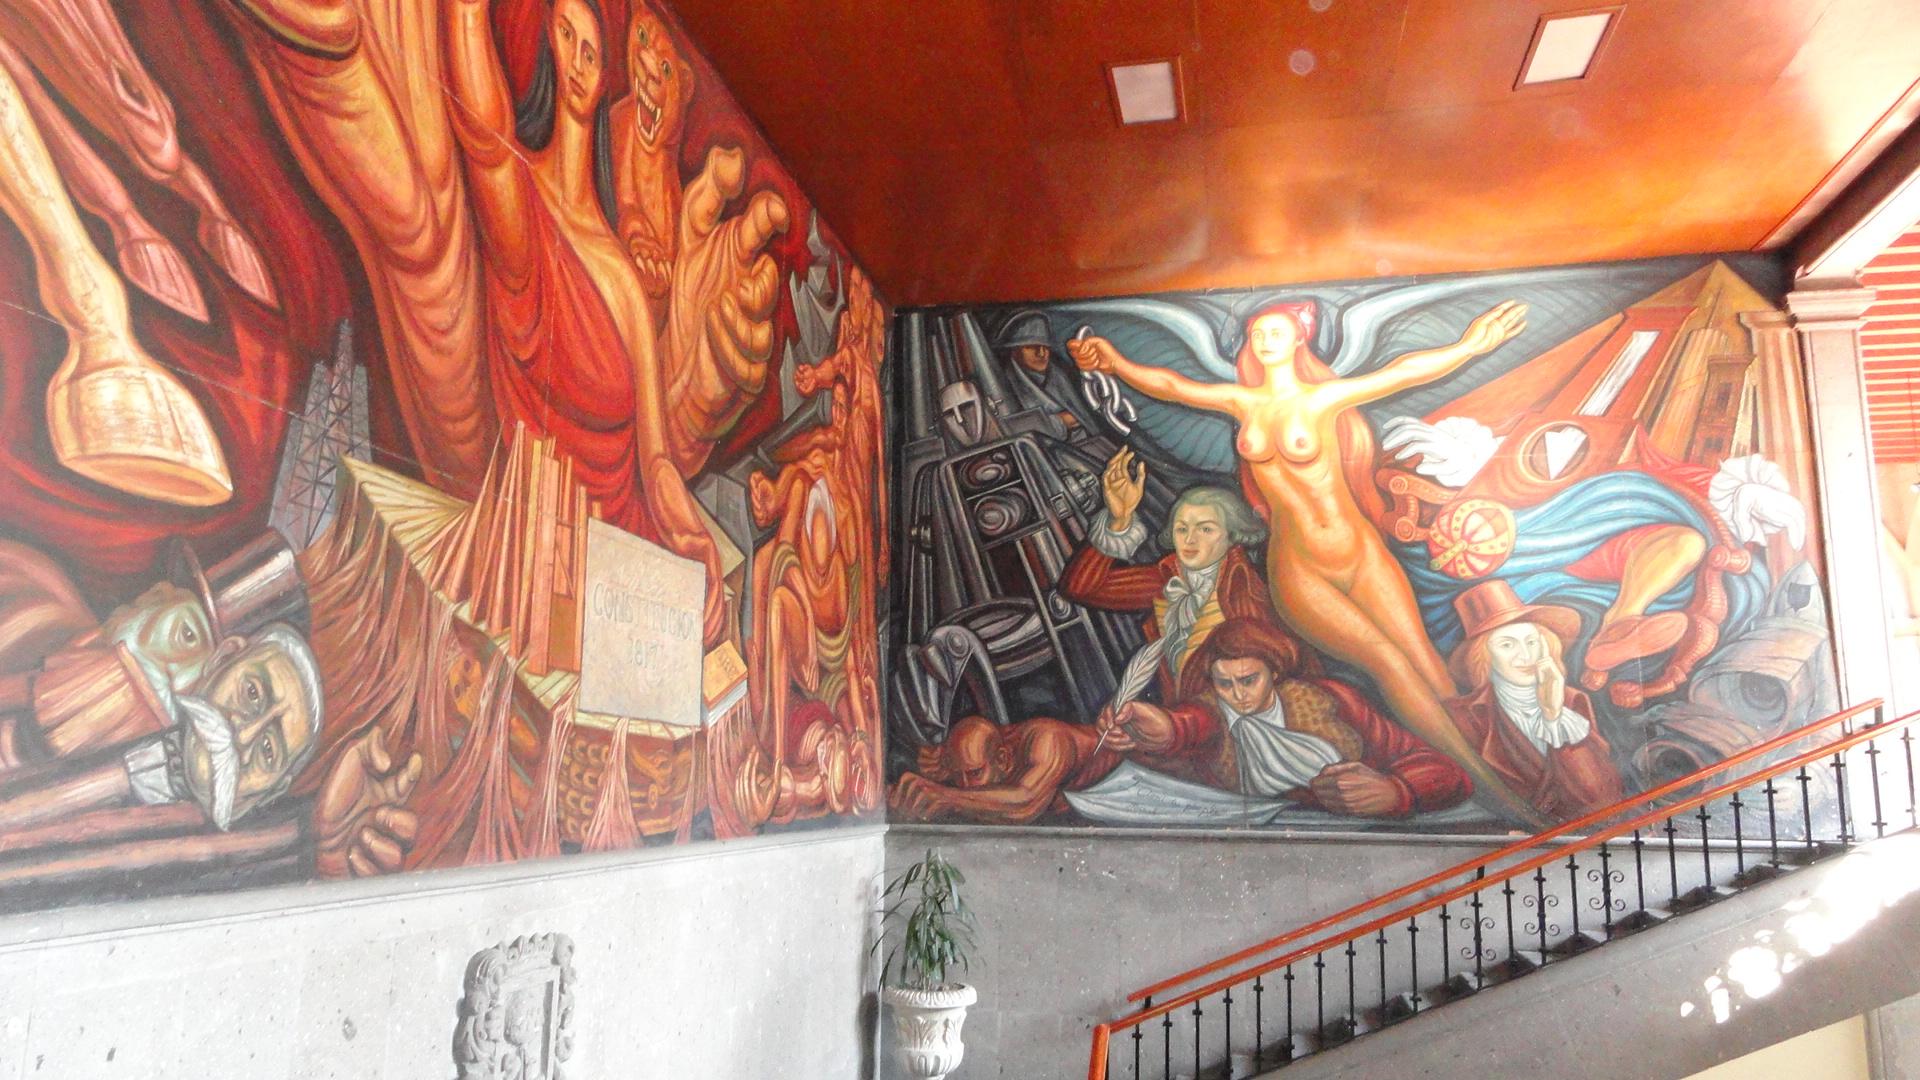 Murals of guadalajara travelling locally and internationally for Aviso de ocasion mural guadalajara